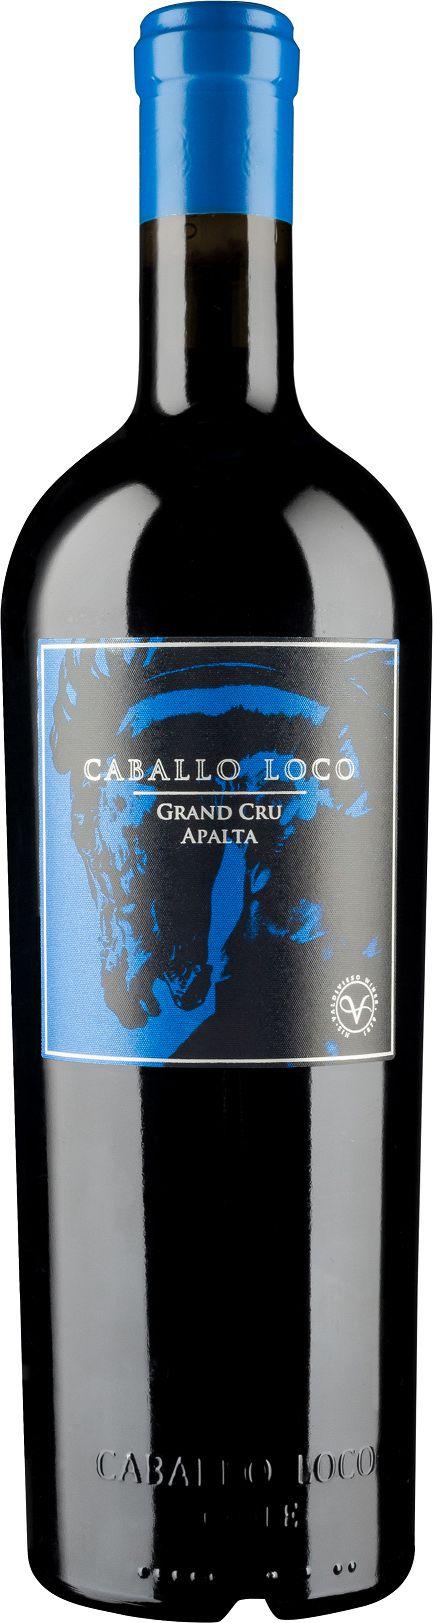 Vinho Caballo Loco Apalta Grand Cru